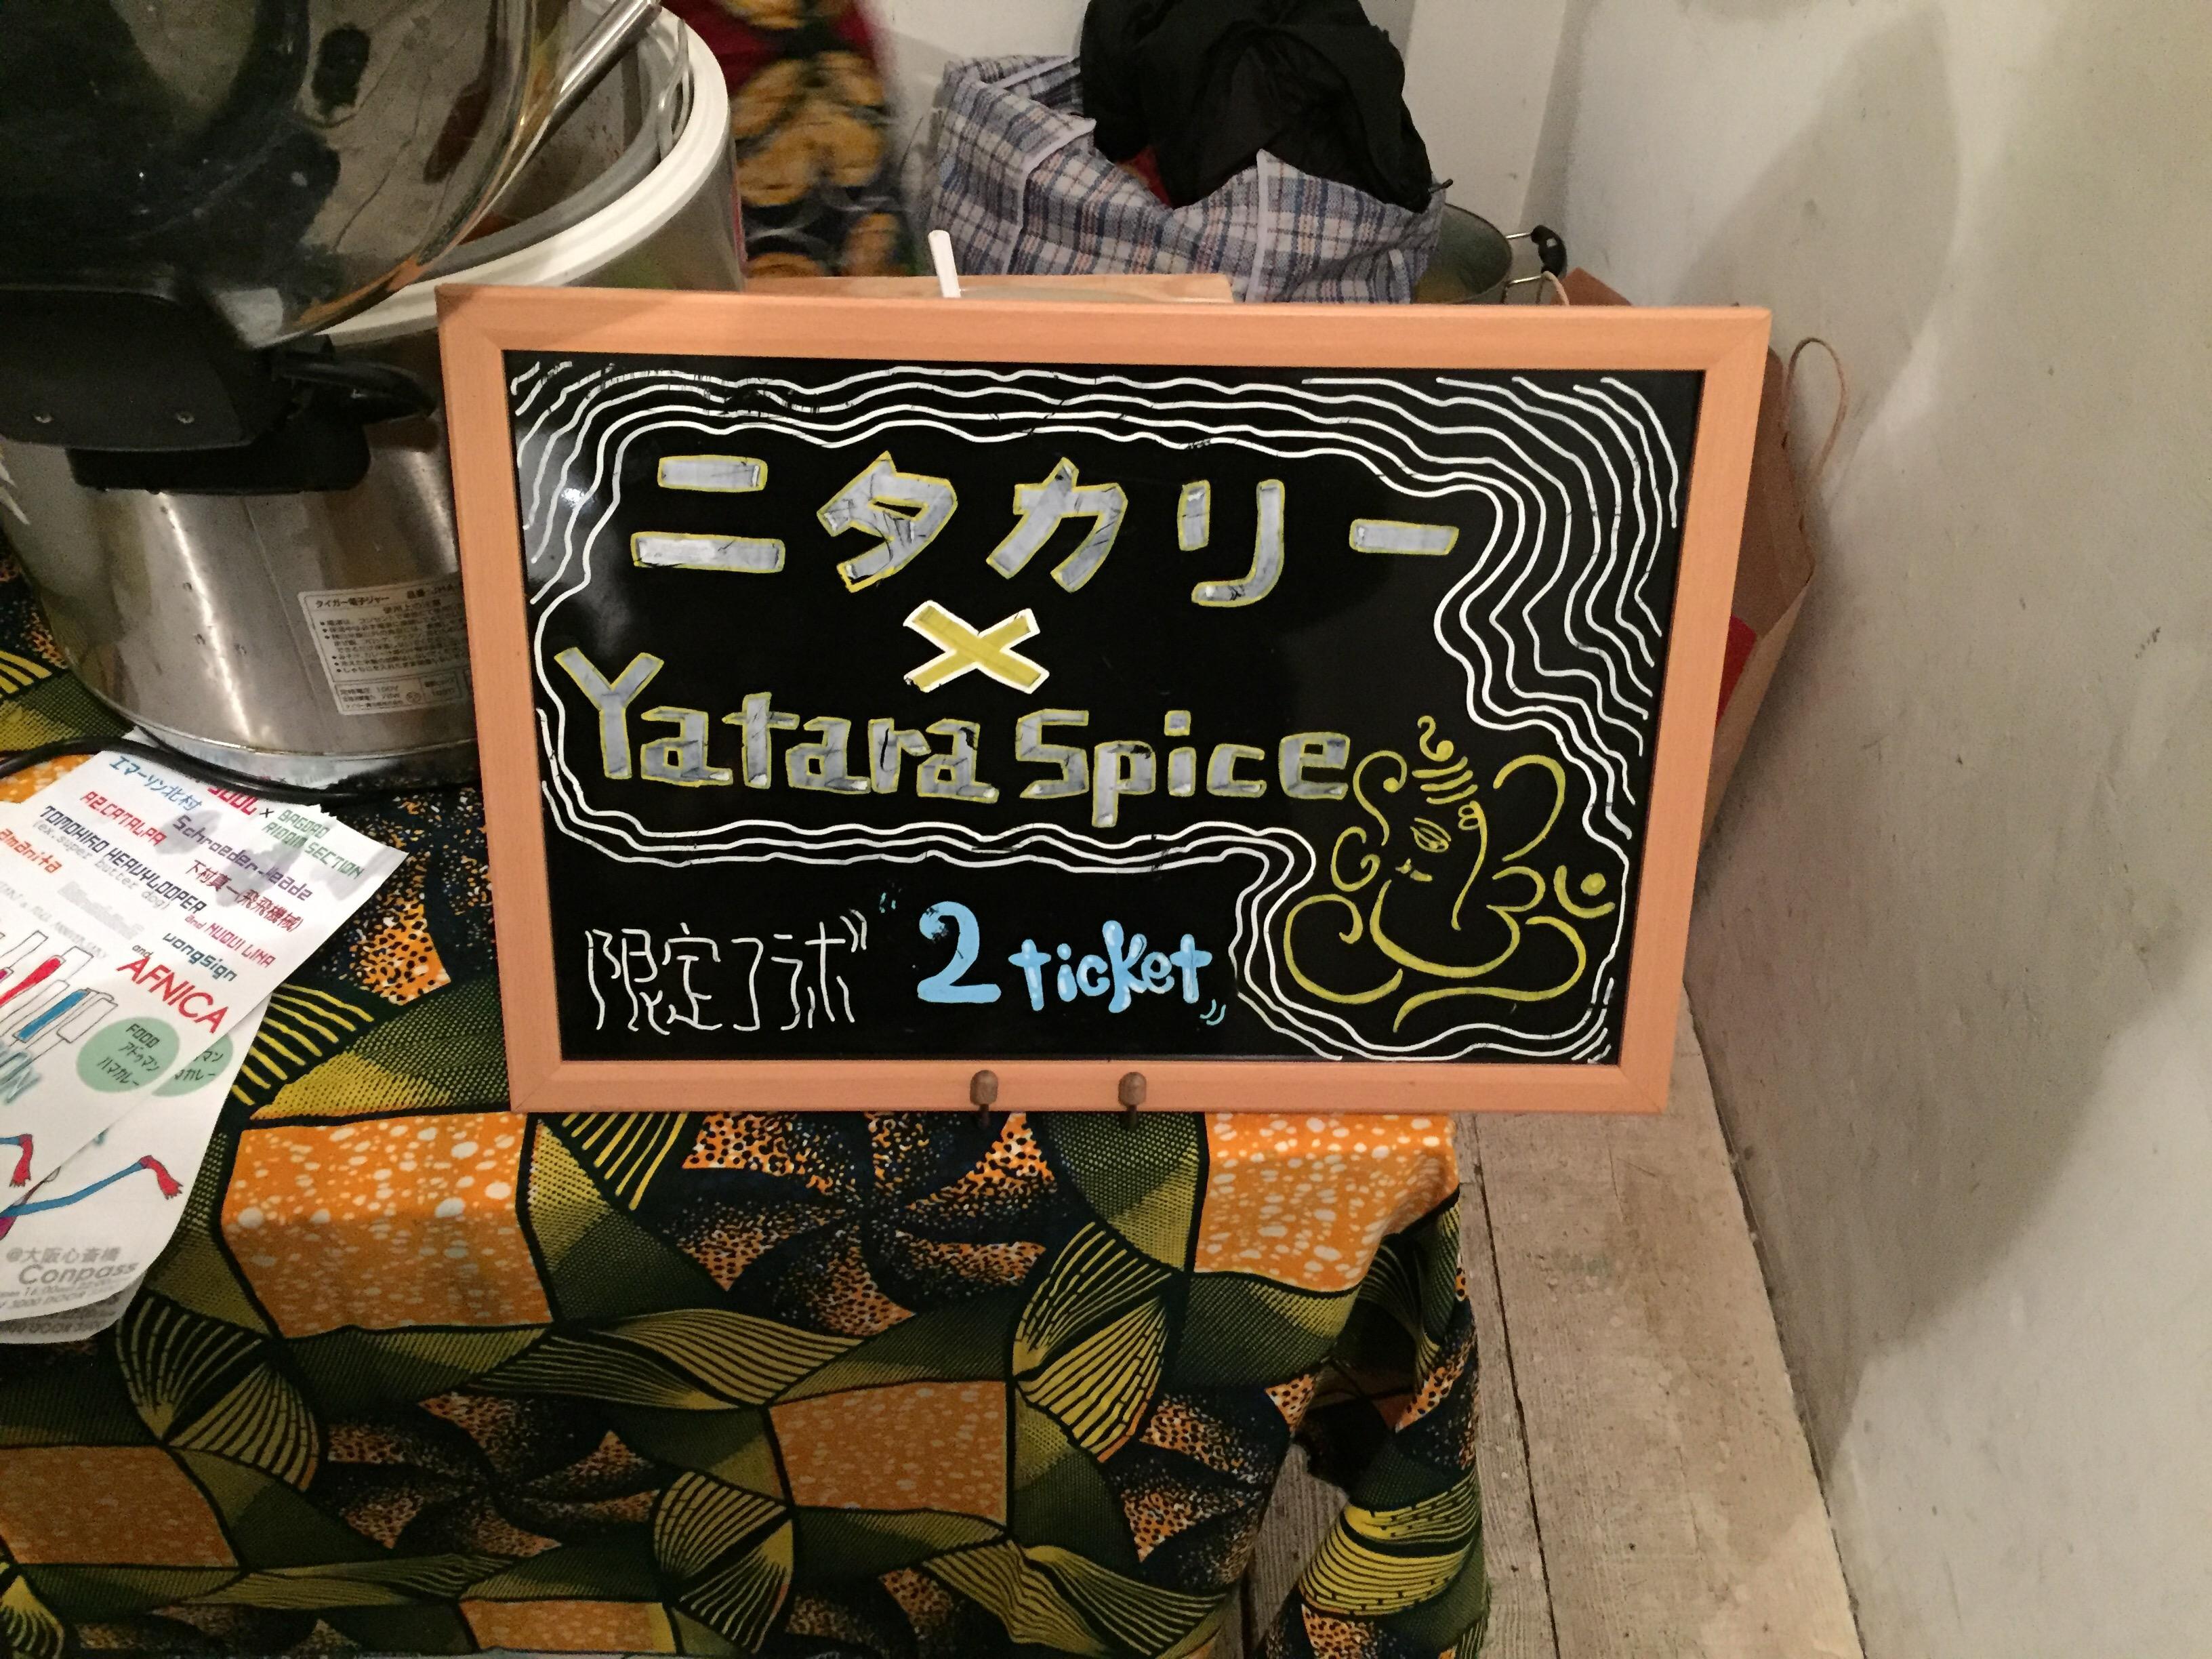 ニタカリー×Yatara Spice